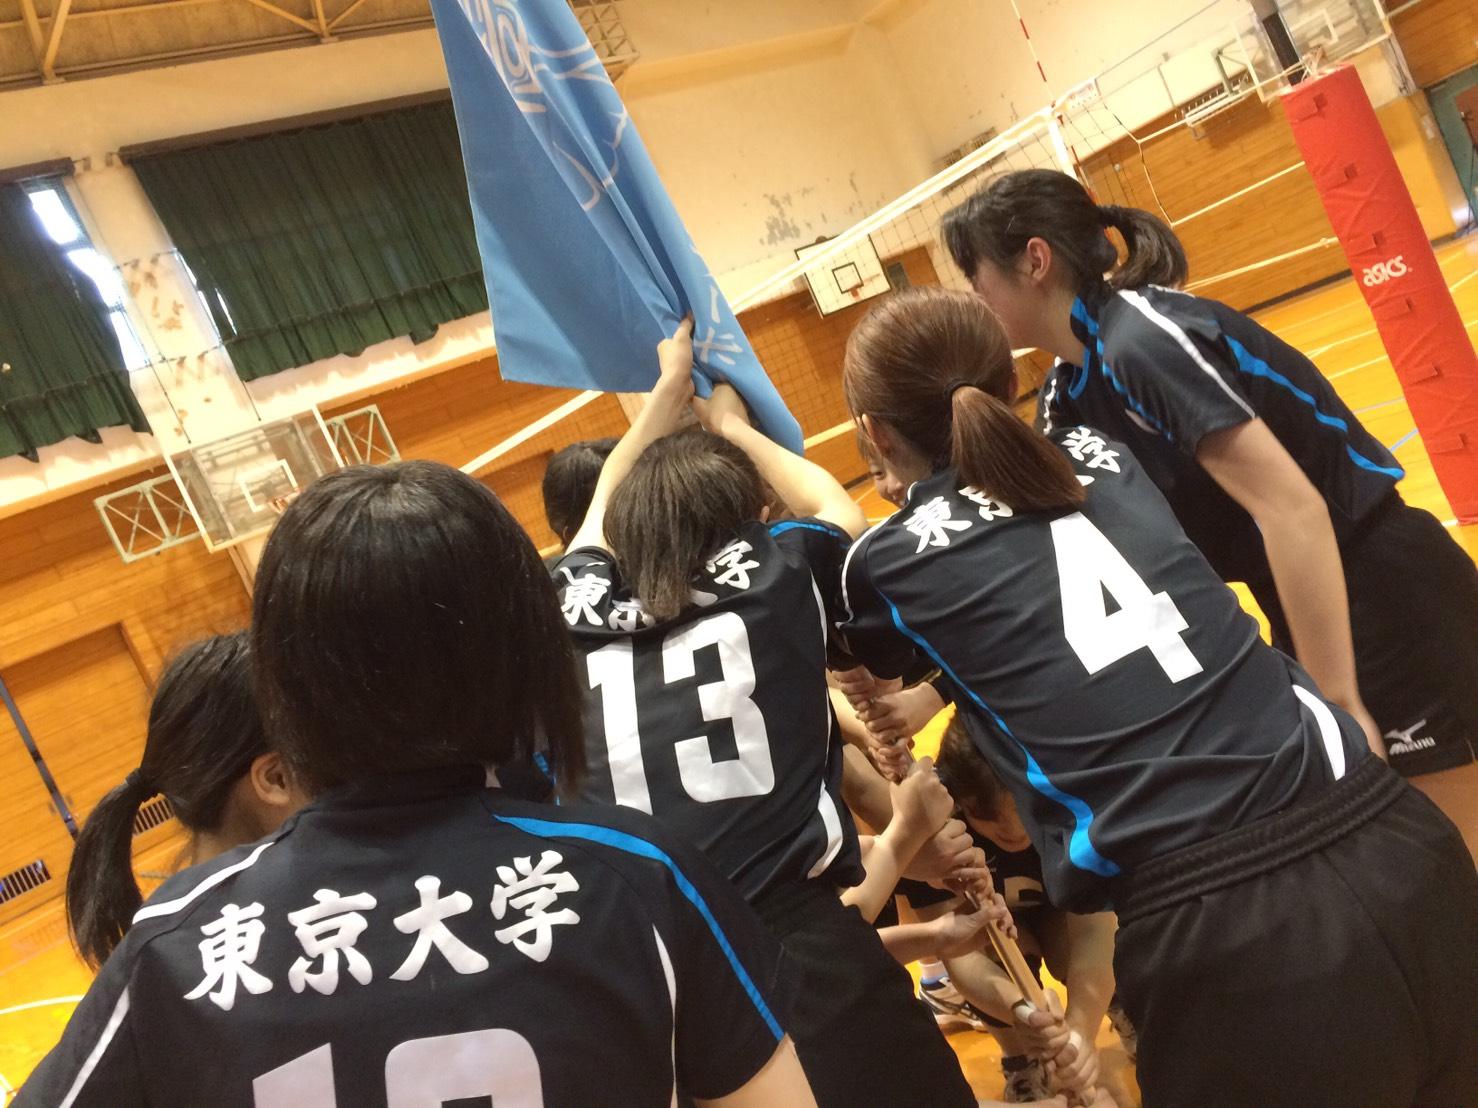 初戦勝利!!!